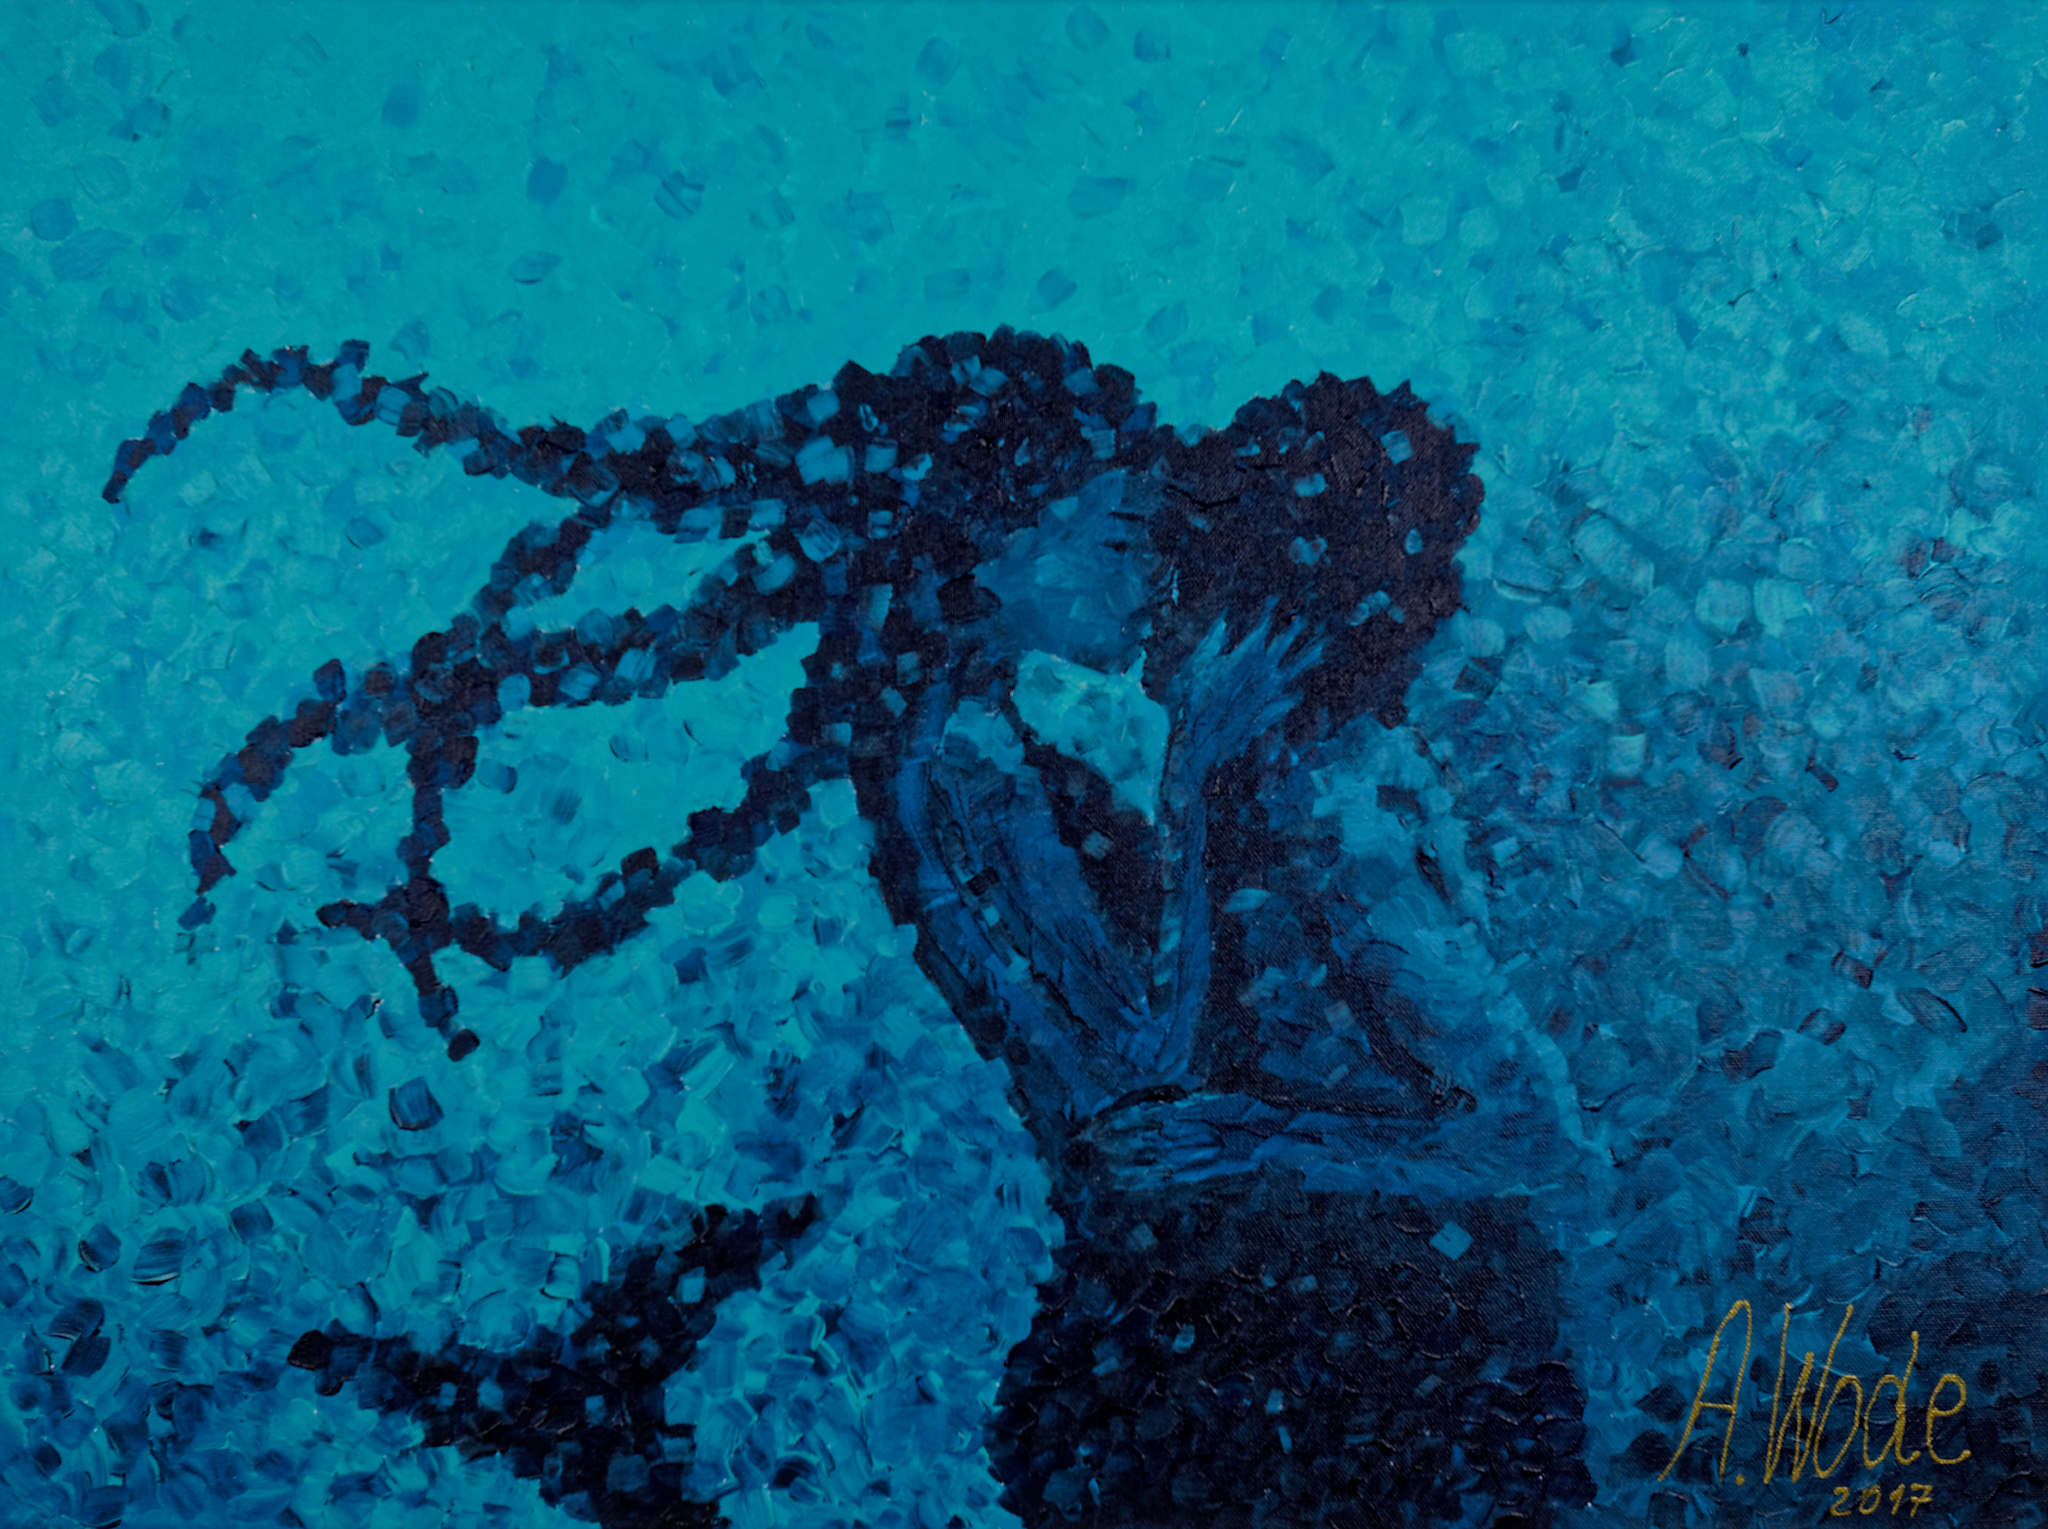 Baiser de la Sirene